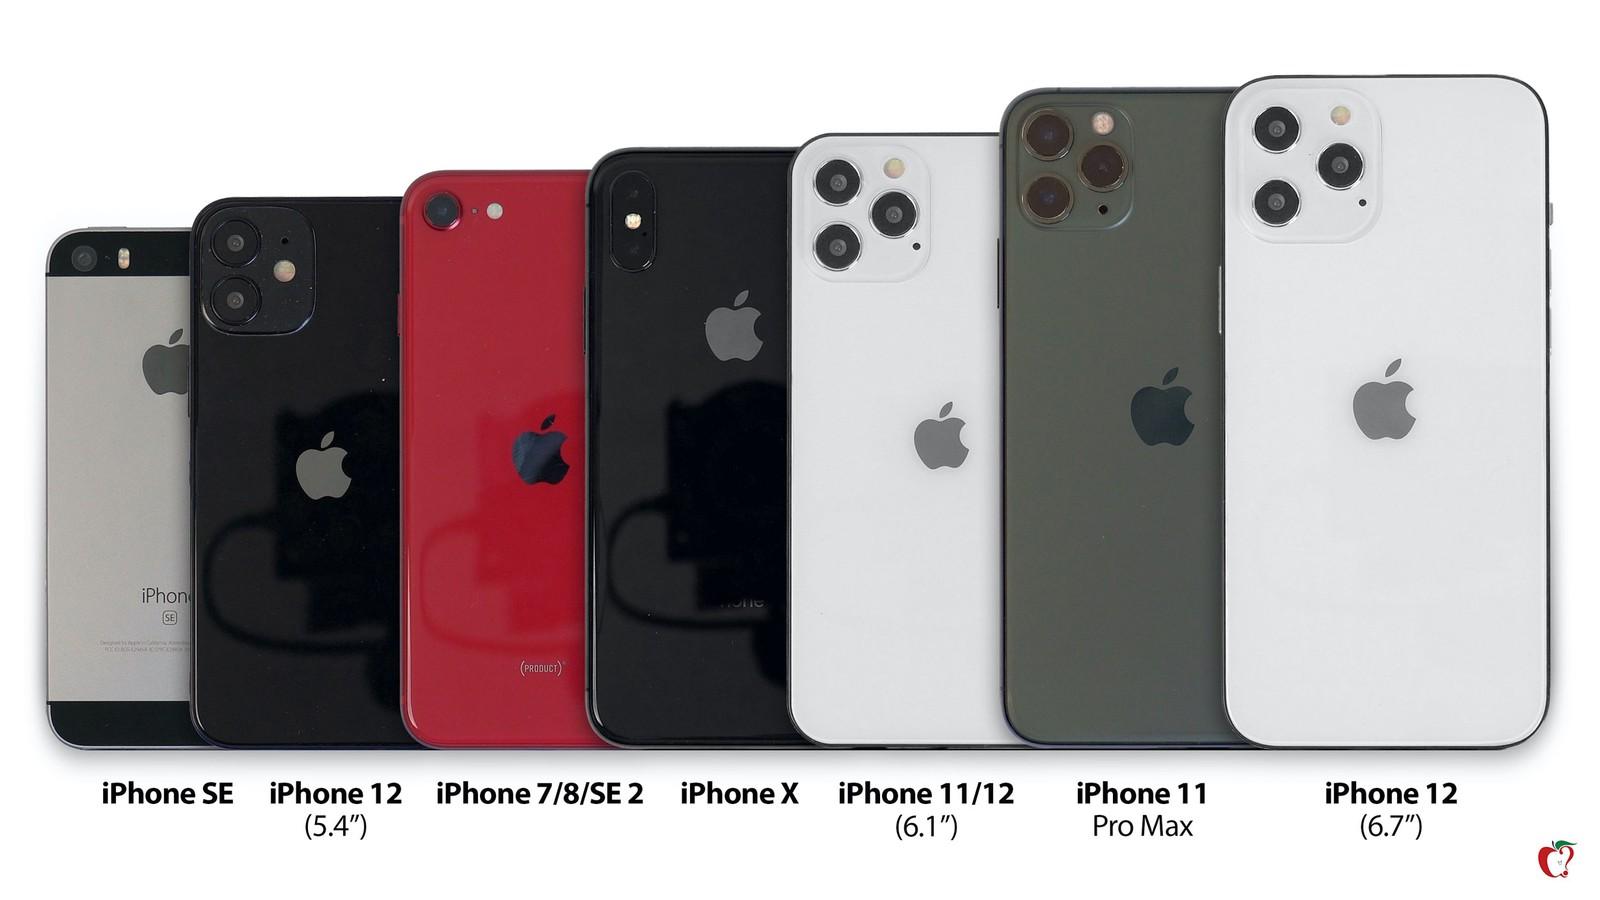 Предполагаемый внешний вид iPhone 12